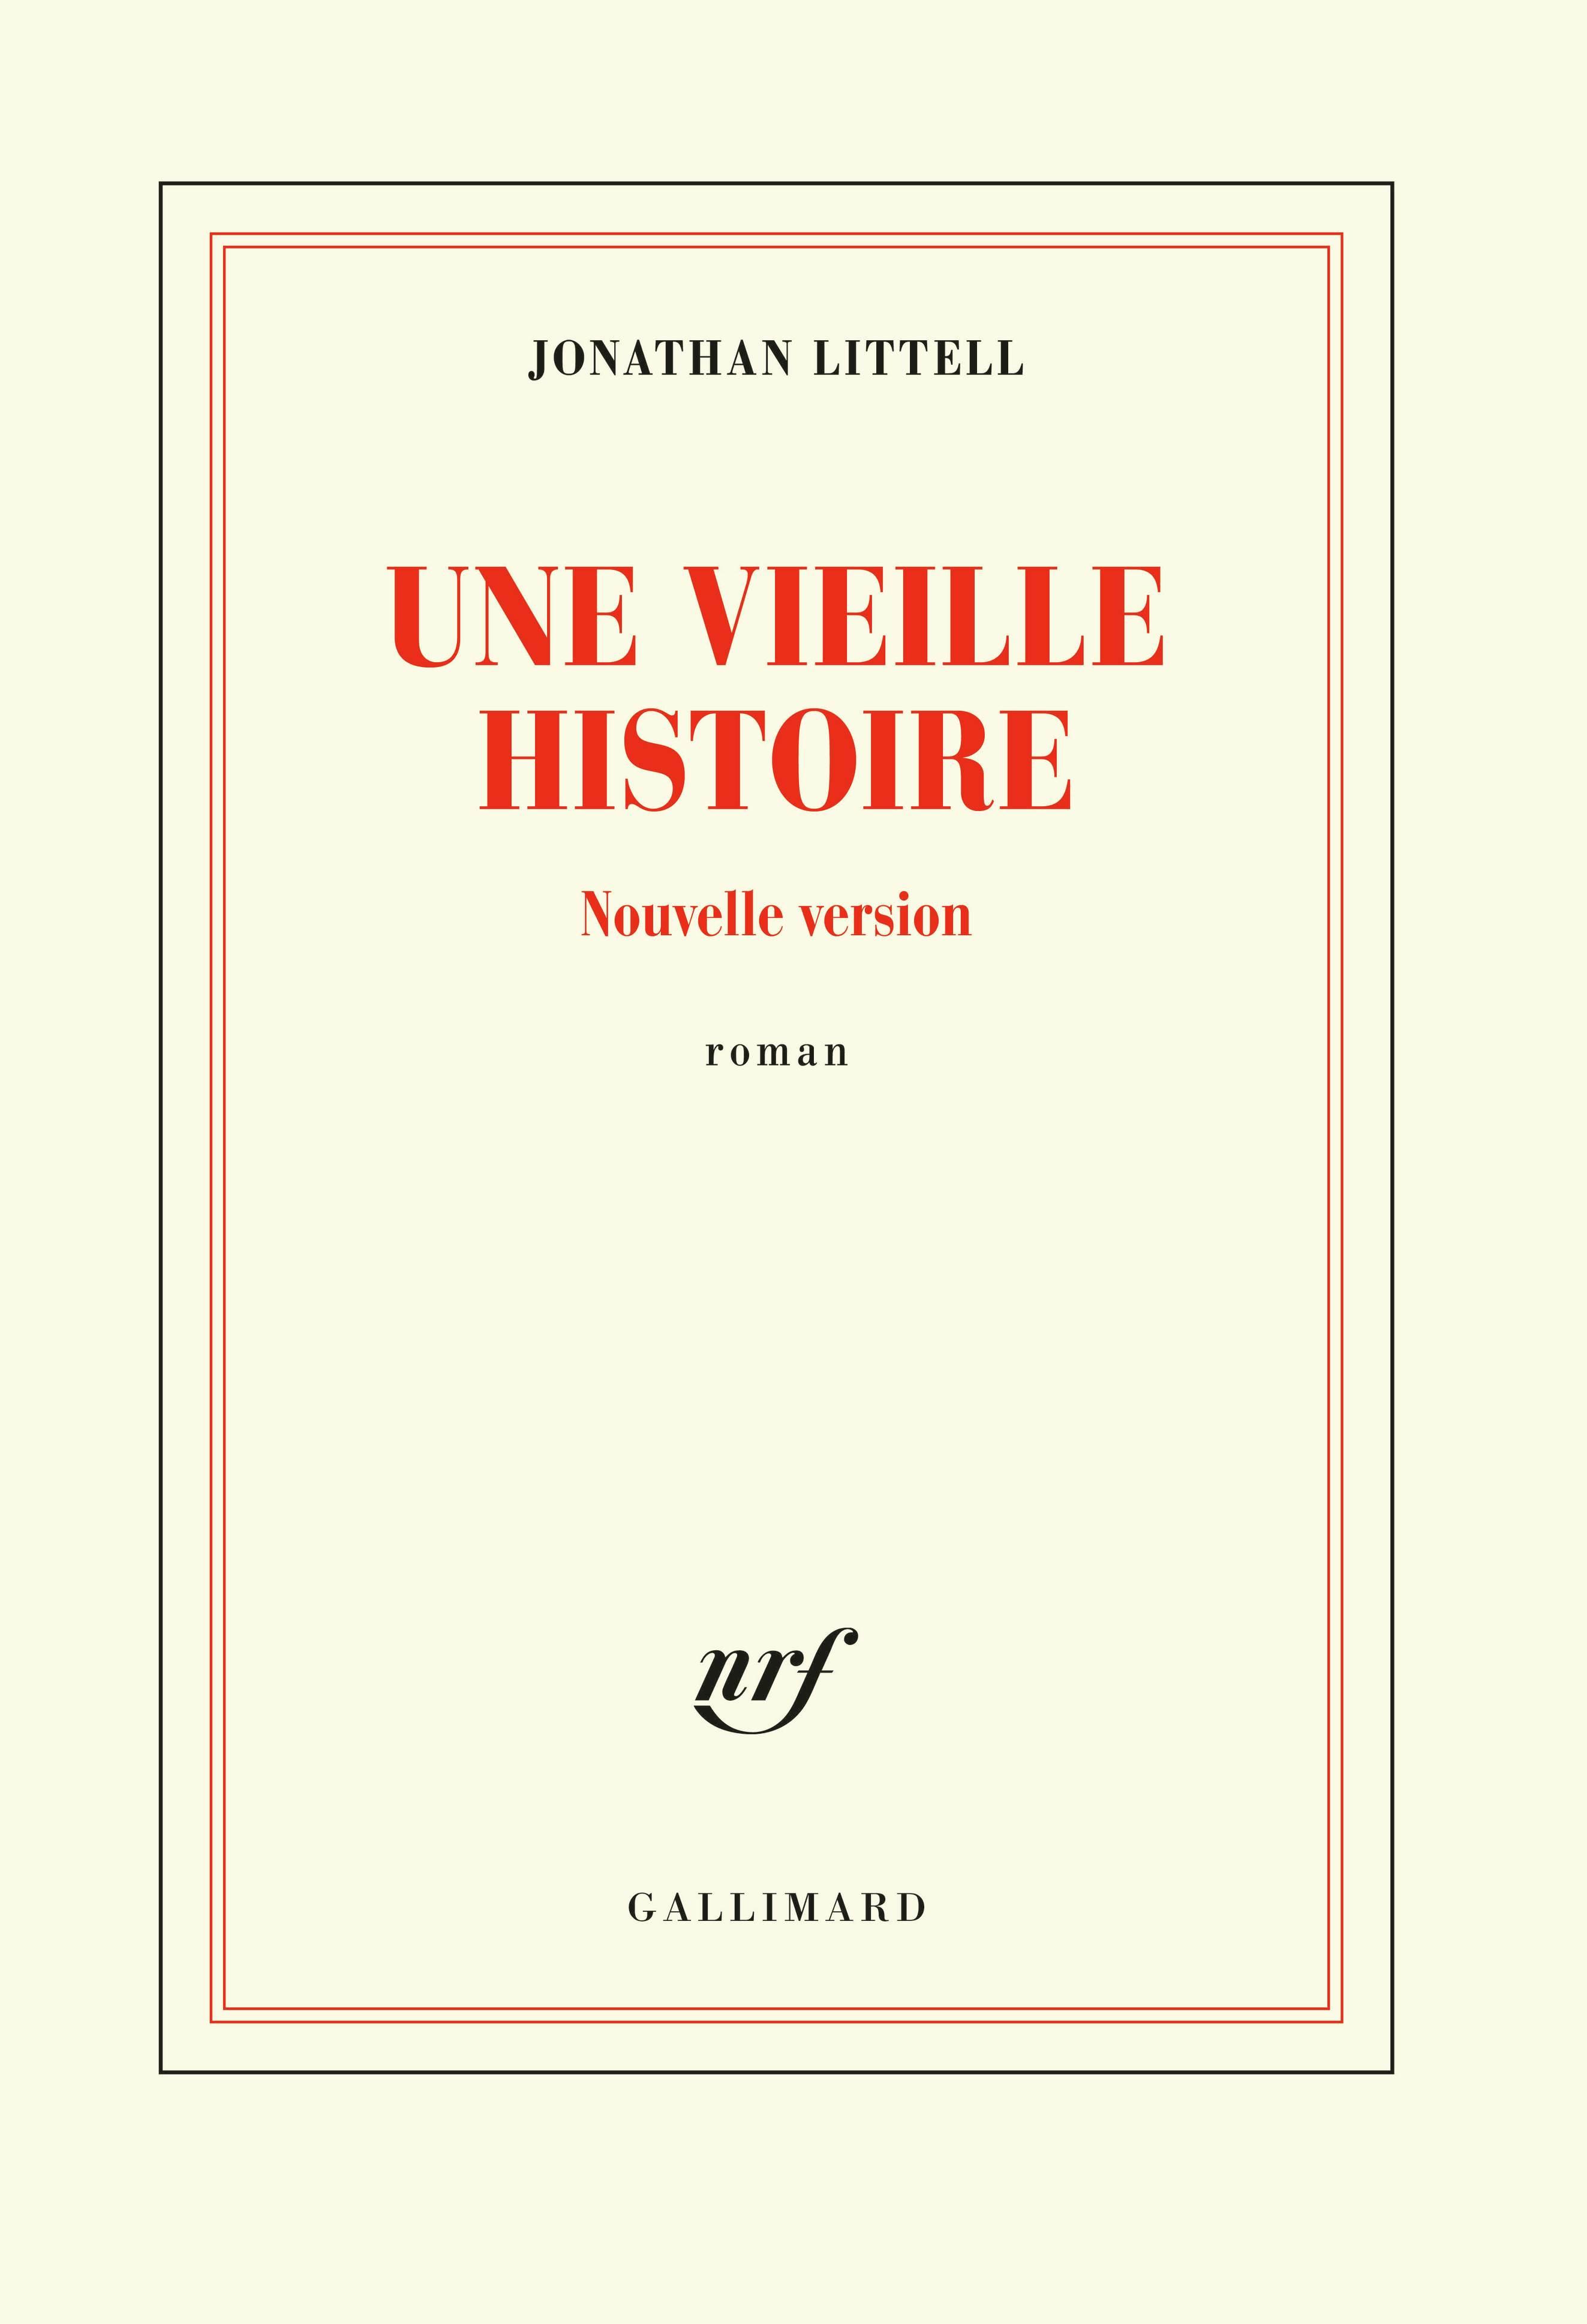 Okładka powieści Jonathana Littella